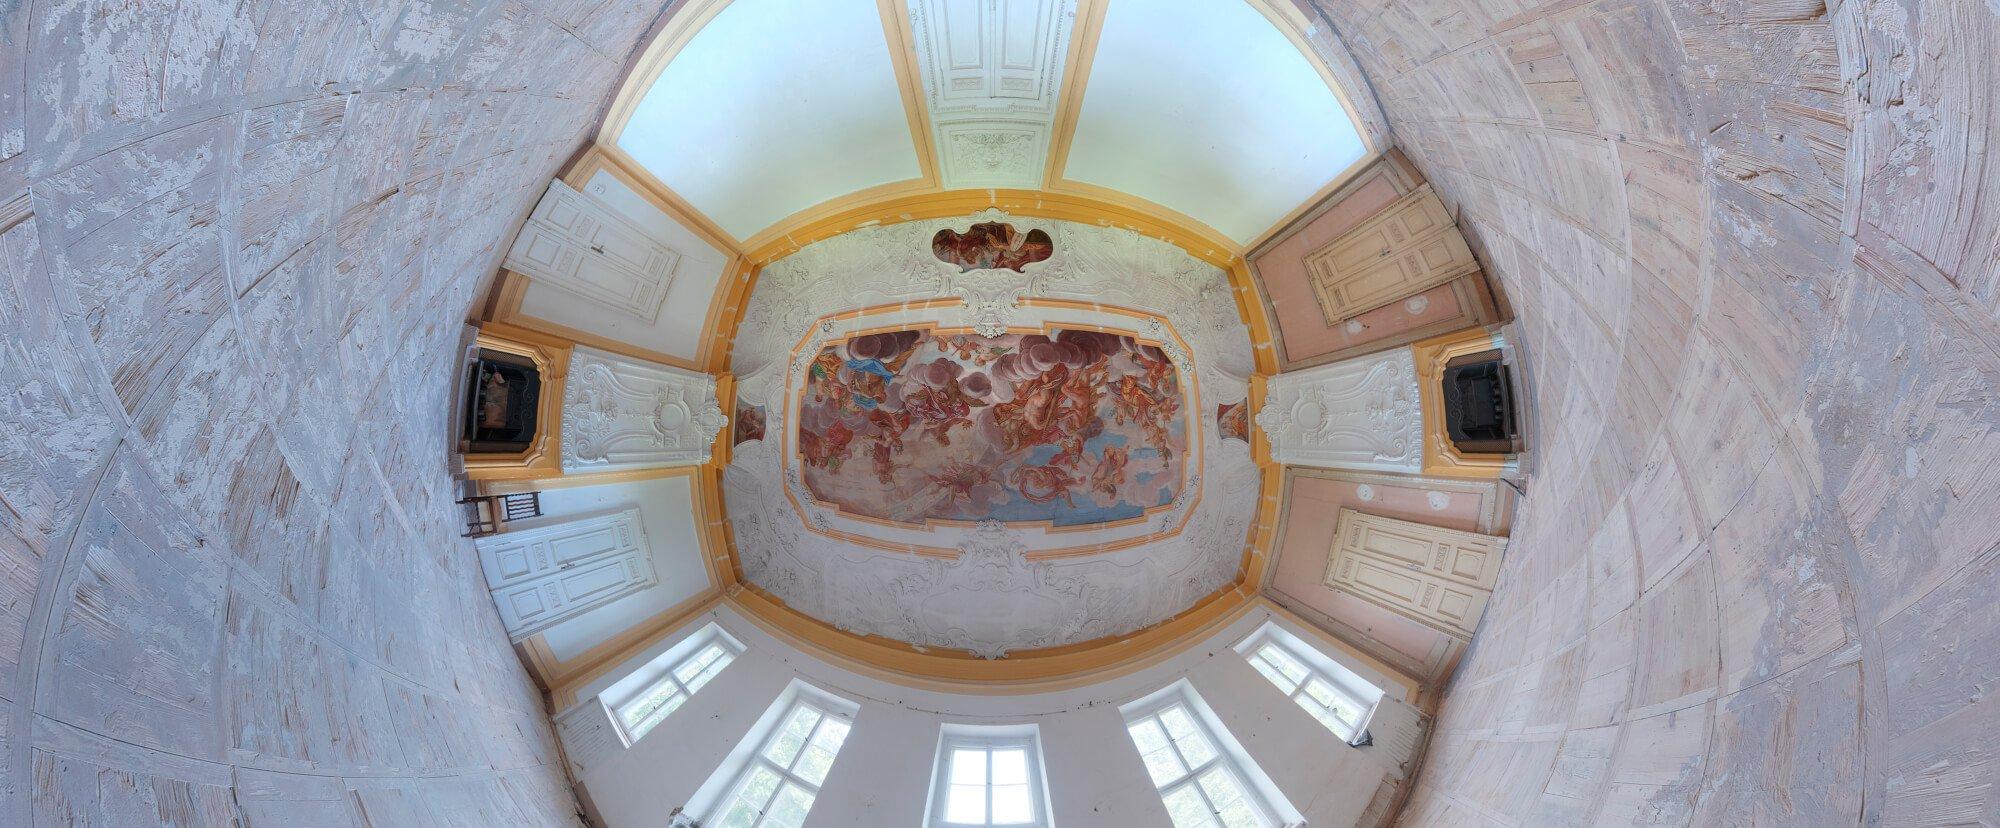 virtual tour urbex exploration manor hourse